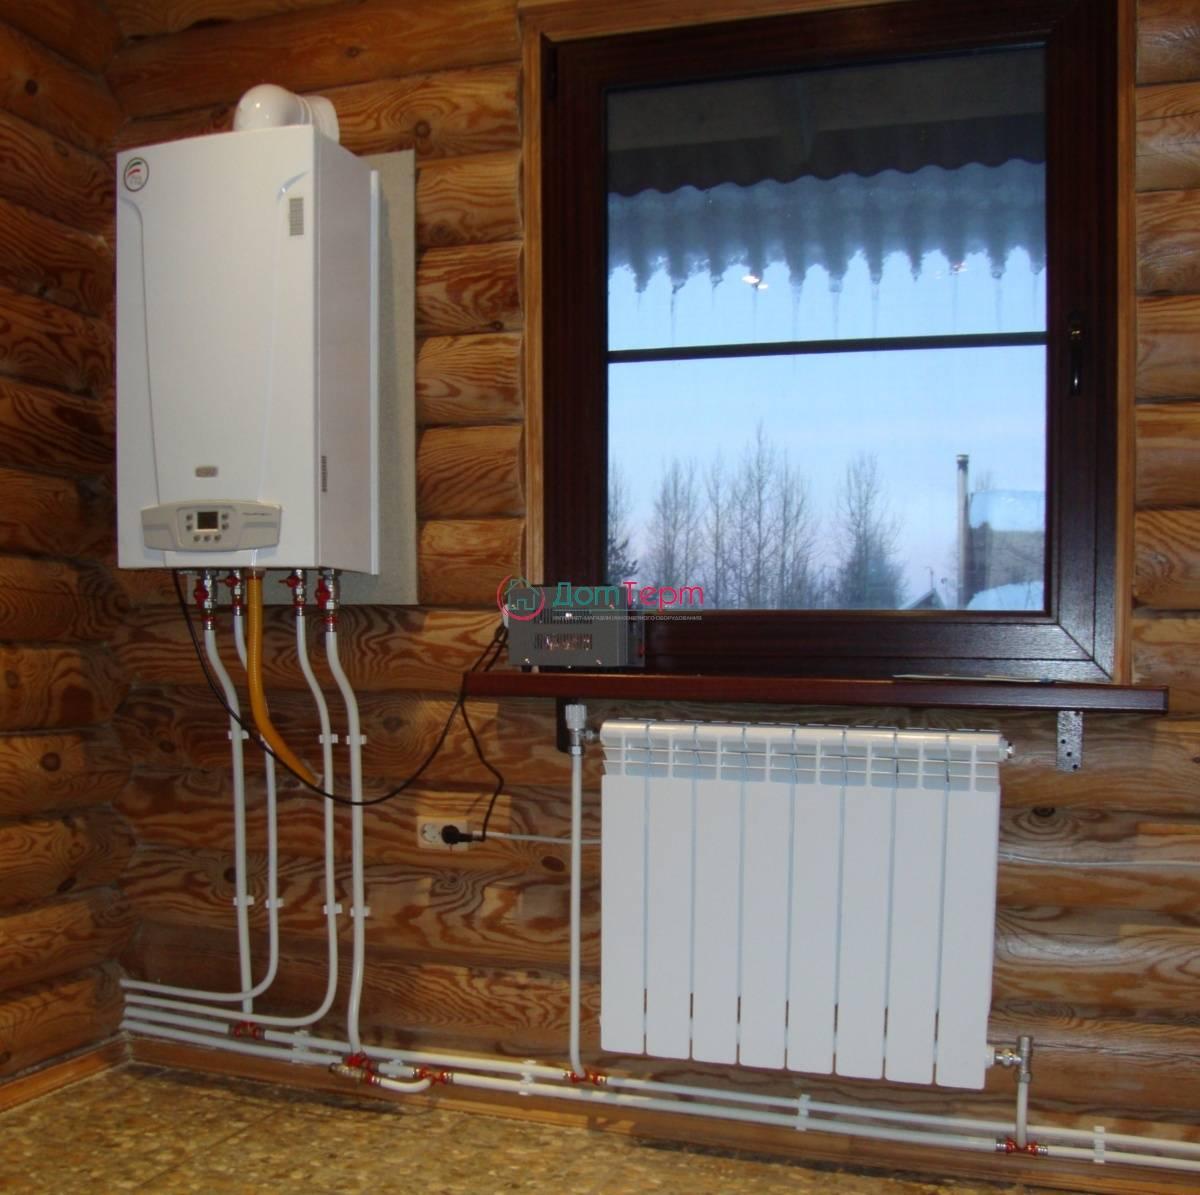 Установка и монтаж газового конвектора в деревянном доме своими руками: видео